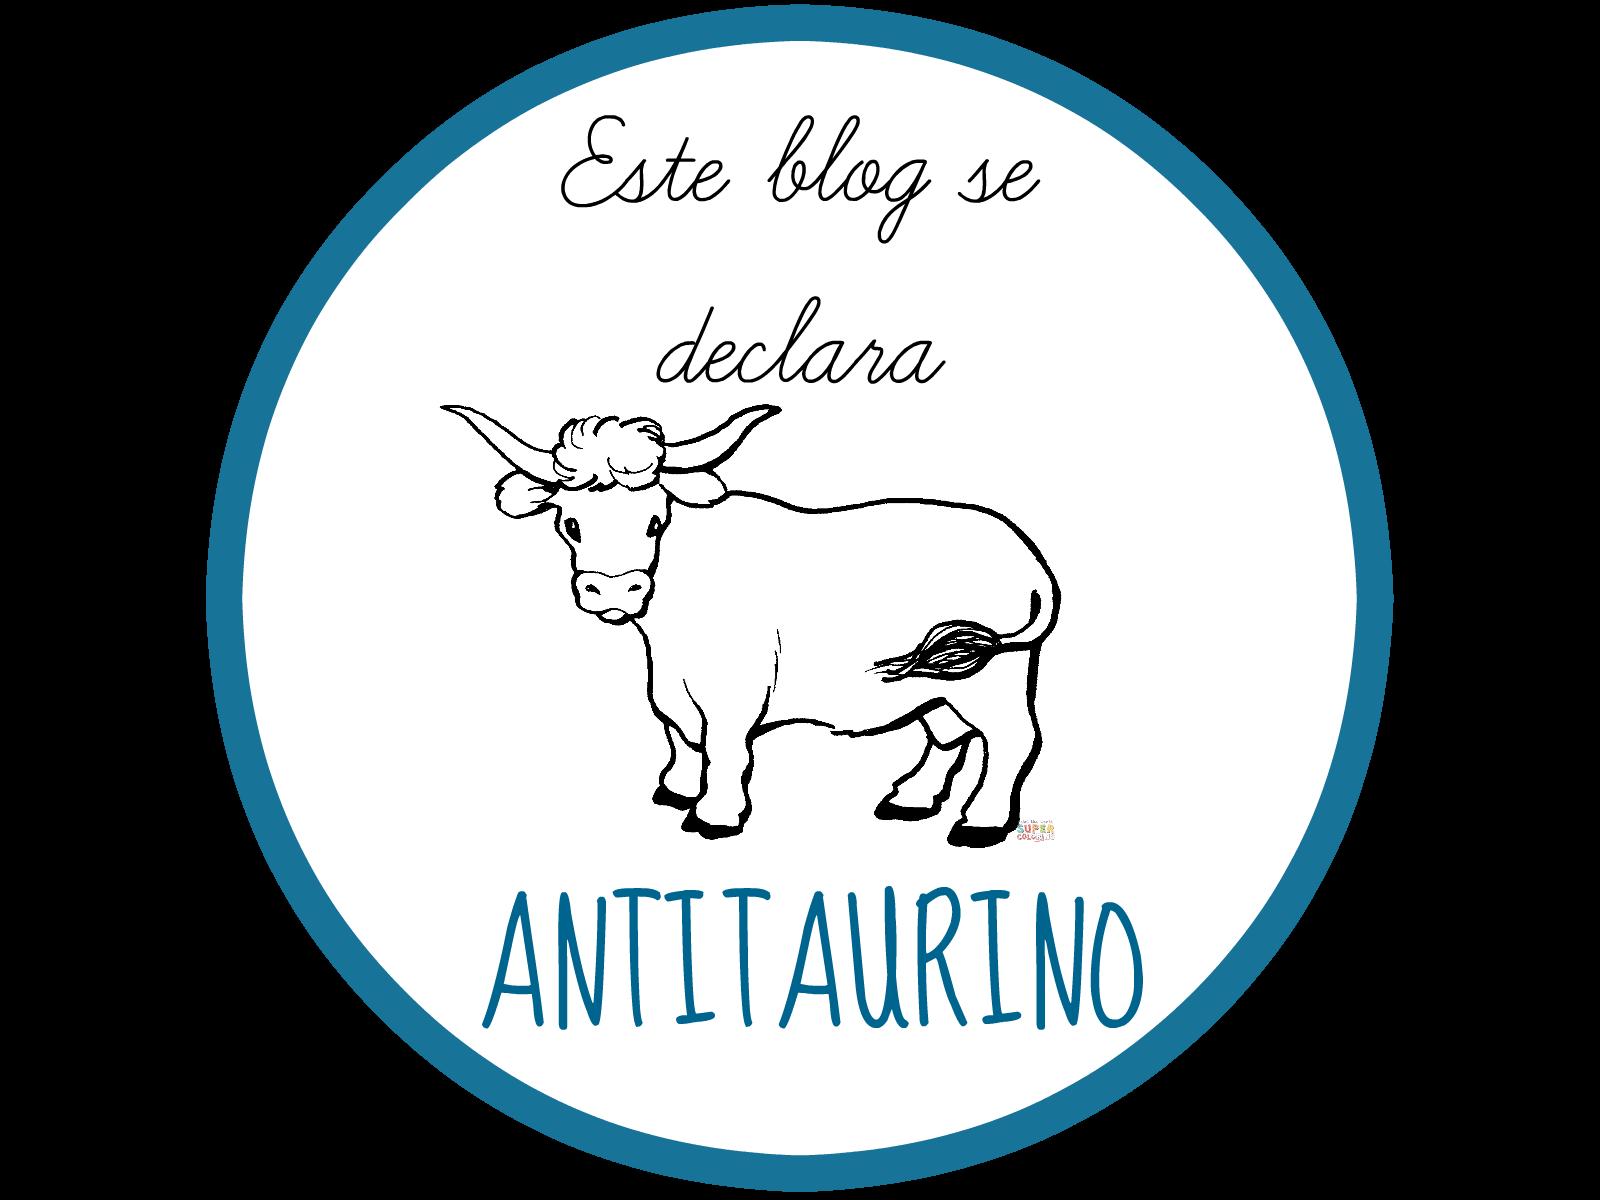 Este blog se declara antitaurino